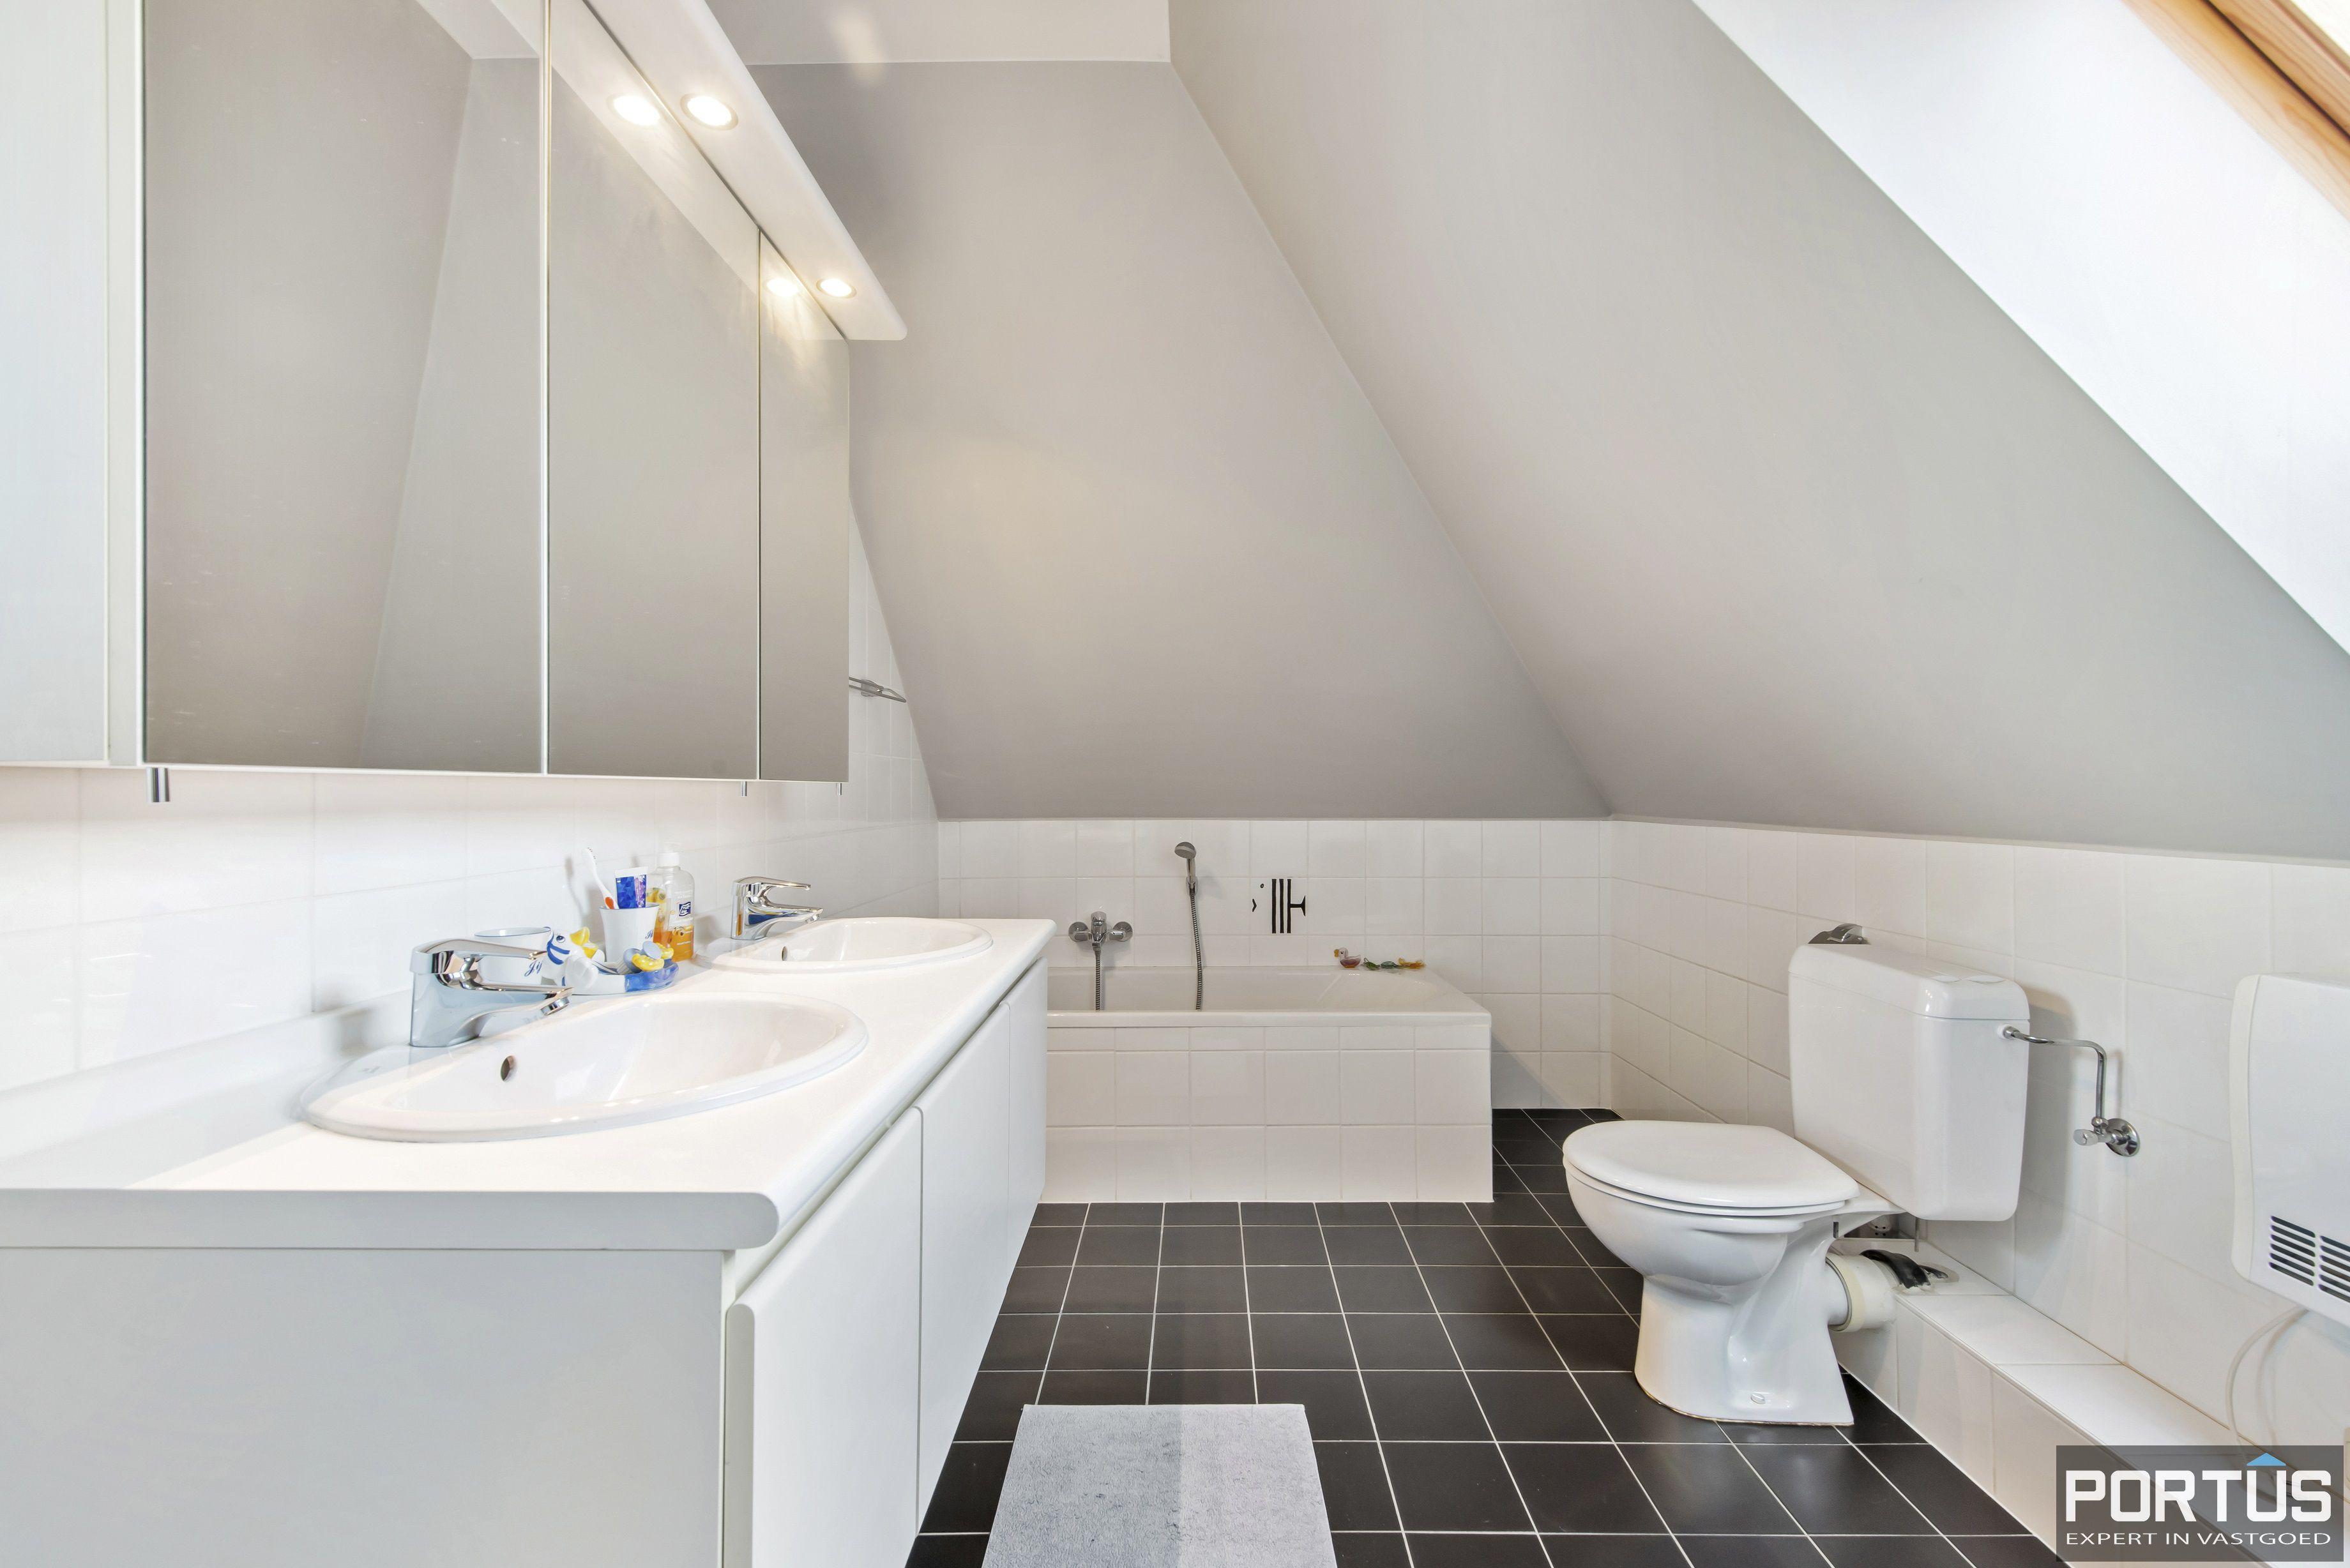 Instapklare duplex met 2 slaapkamers te koop te Nieuwpoort - 11645